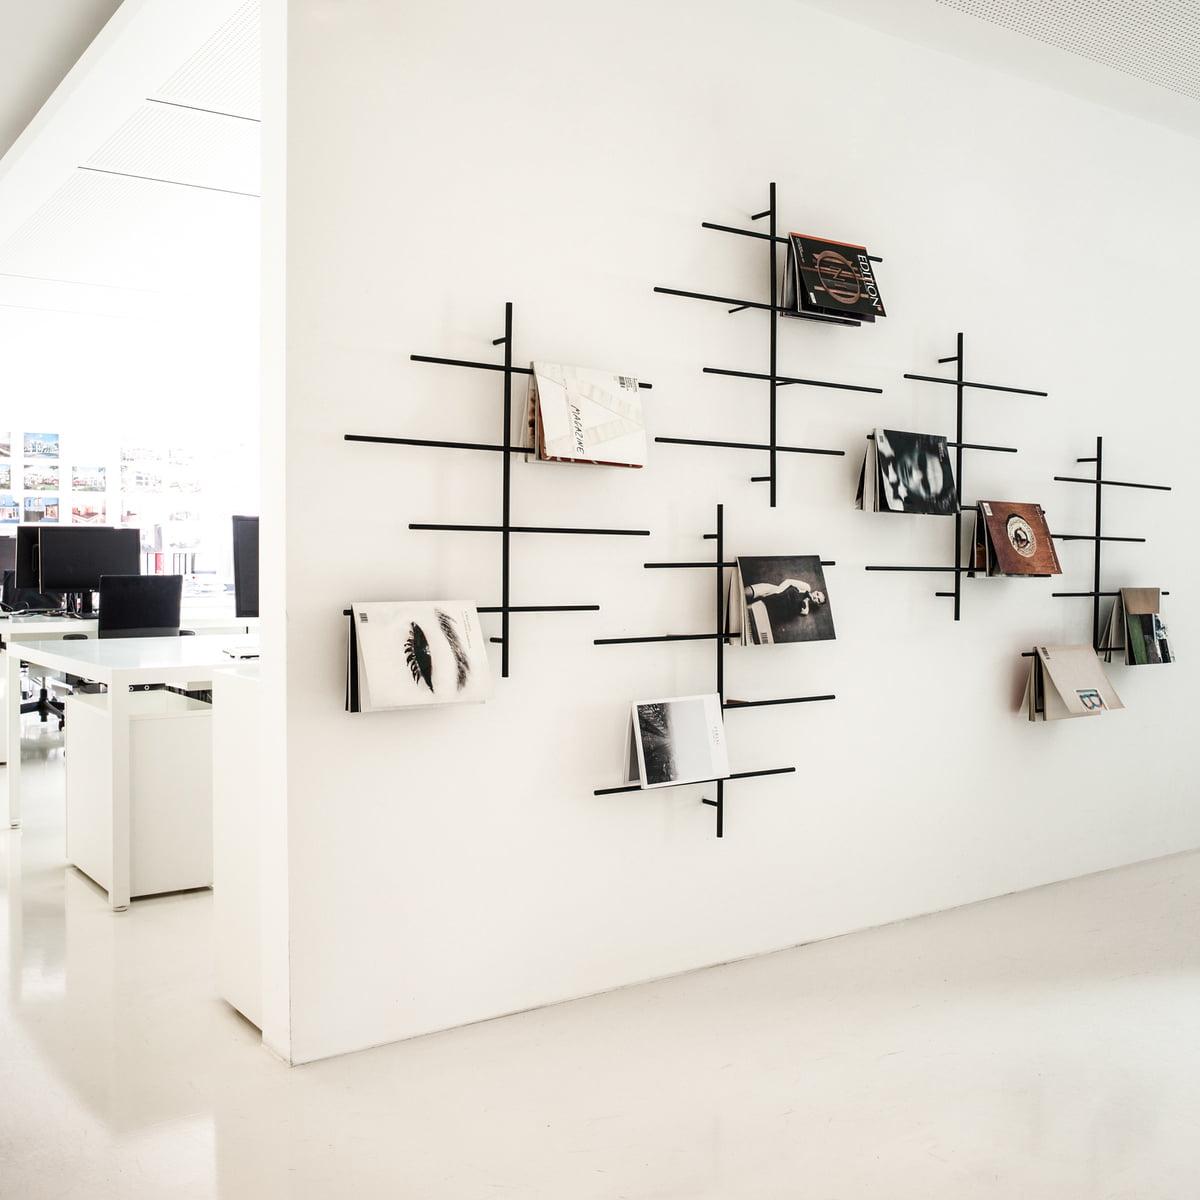 sch nbuch sketch zeitungshalter connox shop. Black Bedroom Furniture Sets. Home Design Ideas